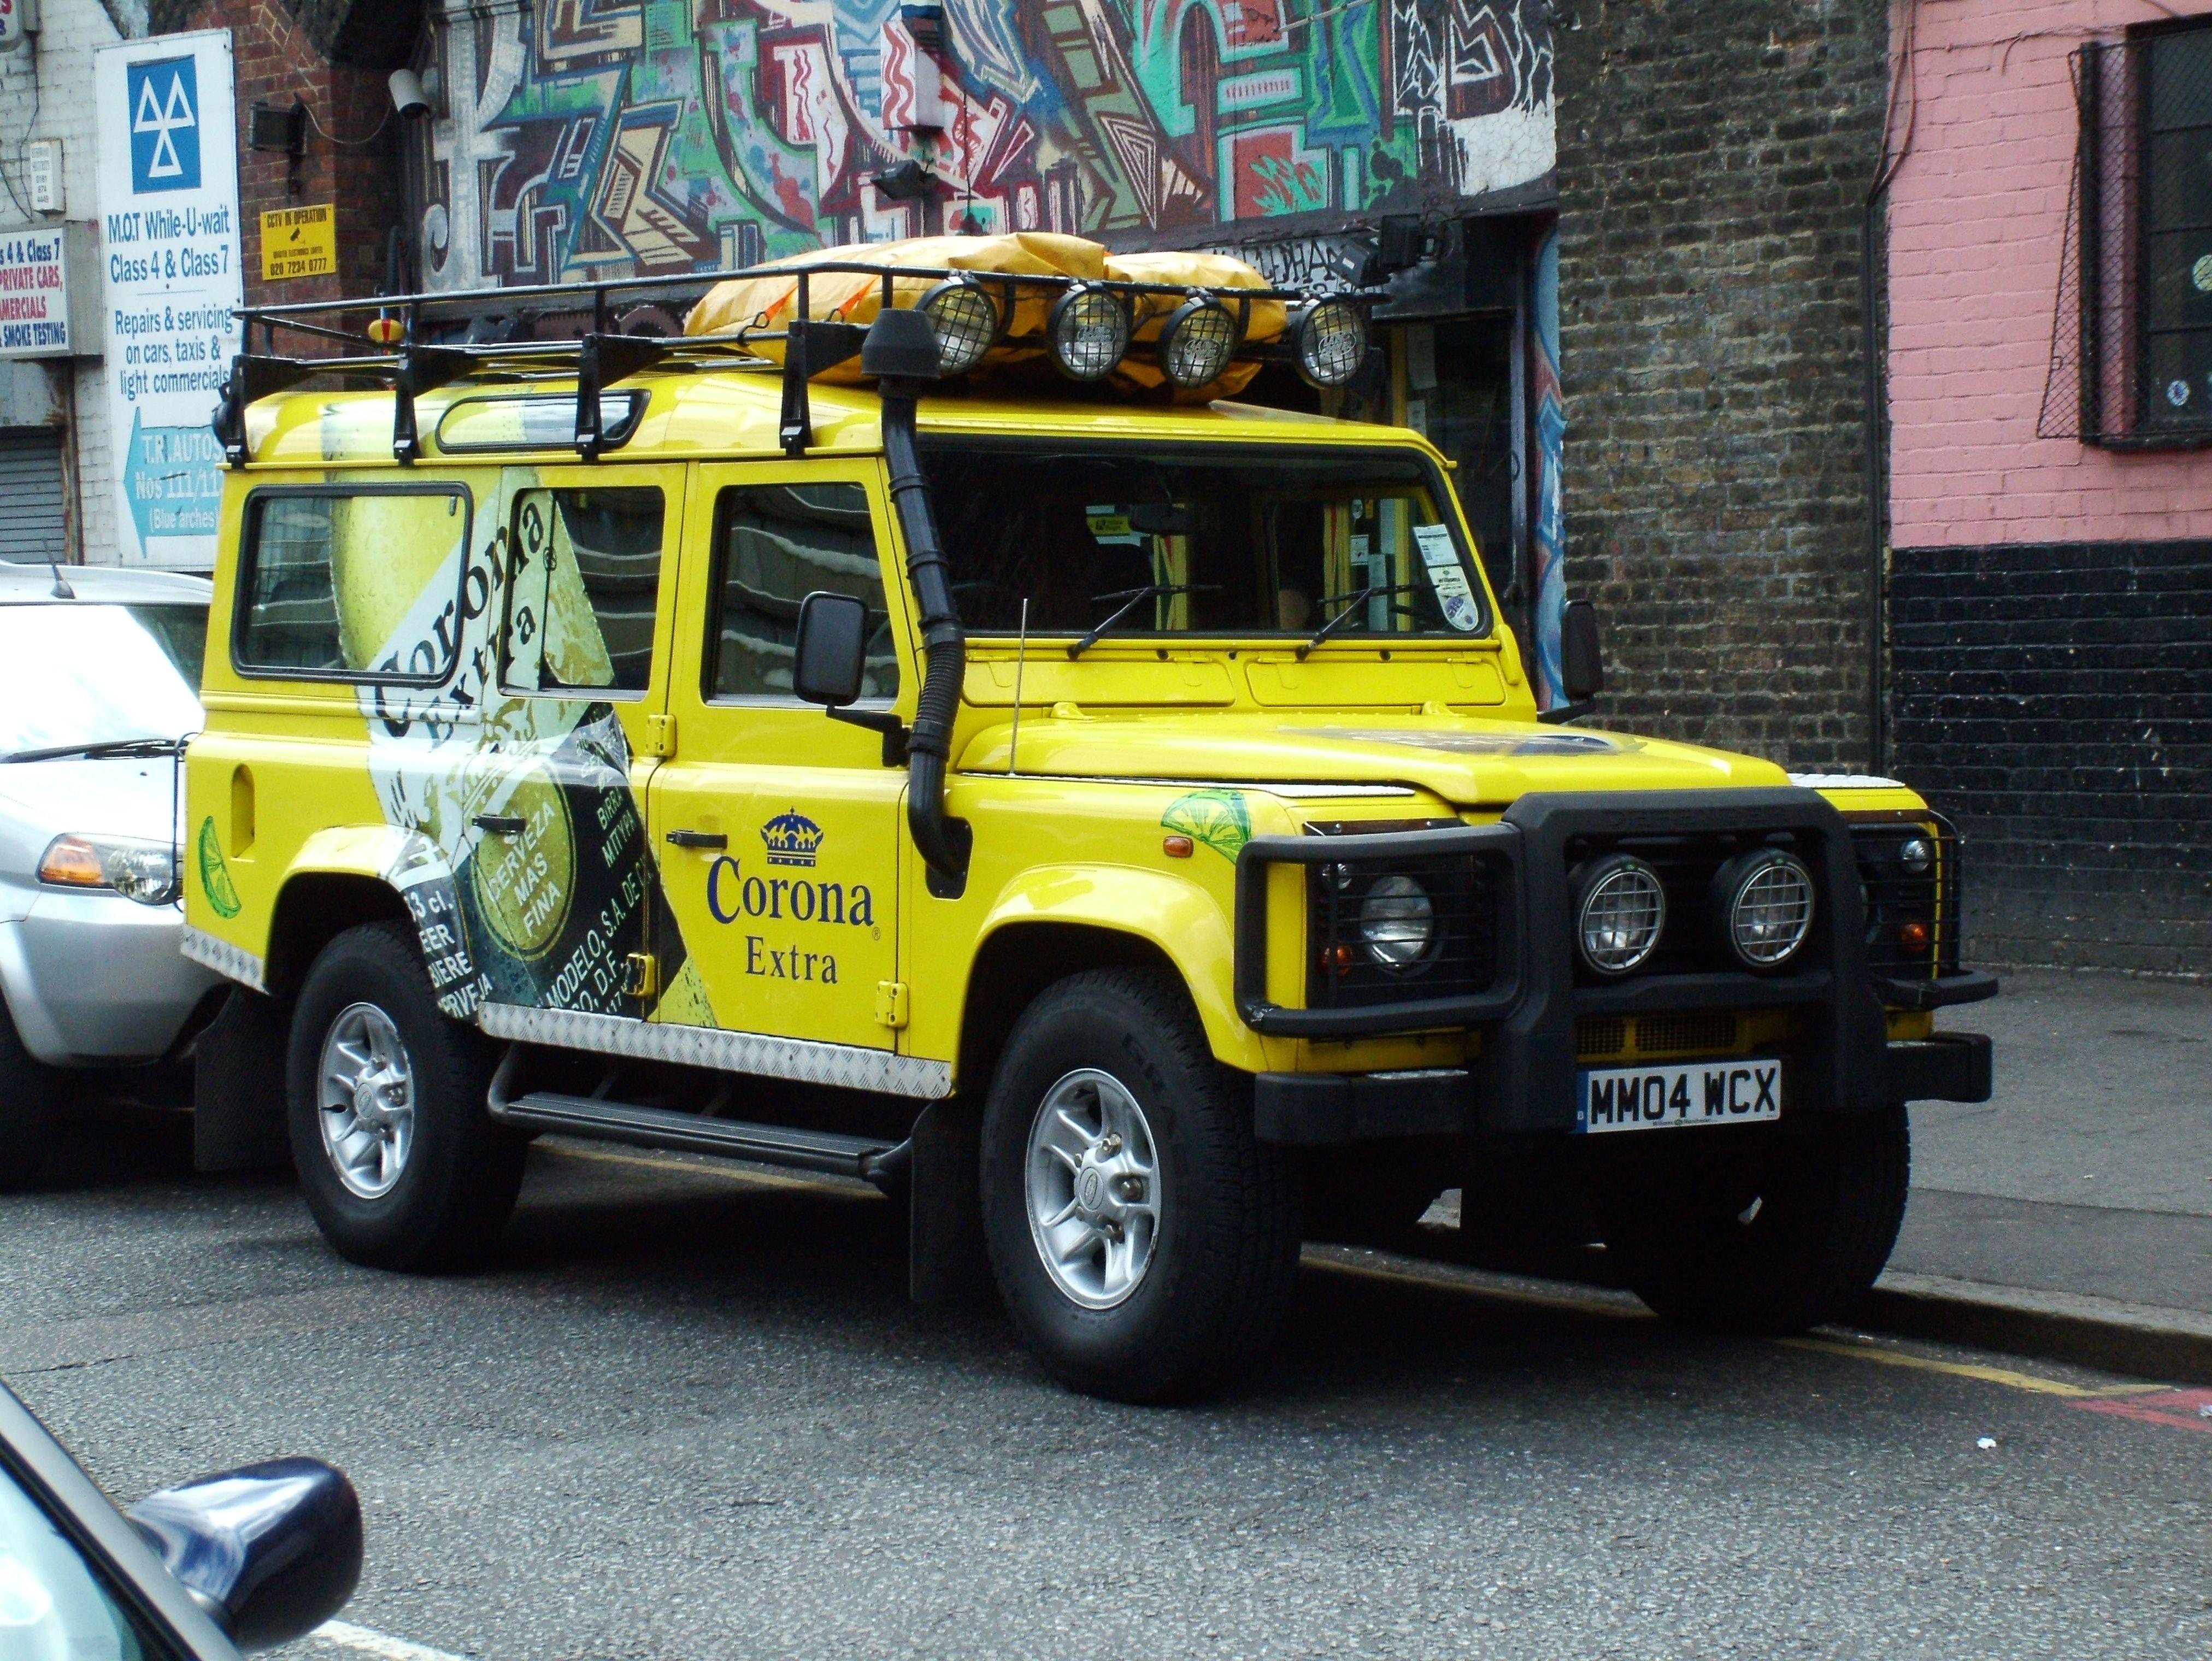 Land Rover Defender 110 2004 Models Land Rover Defender Land